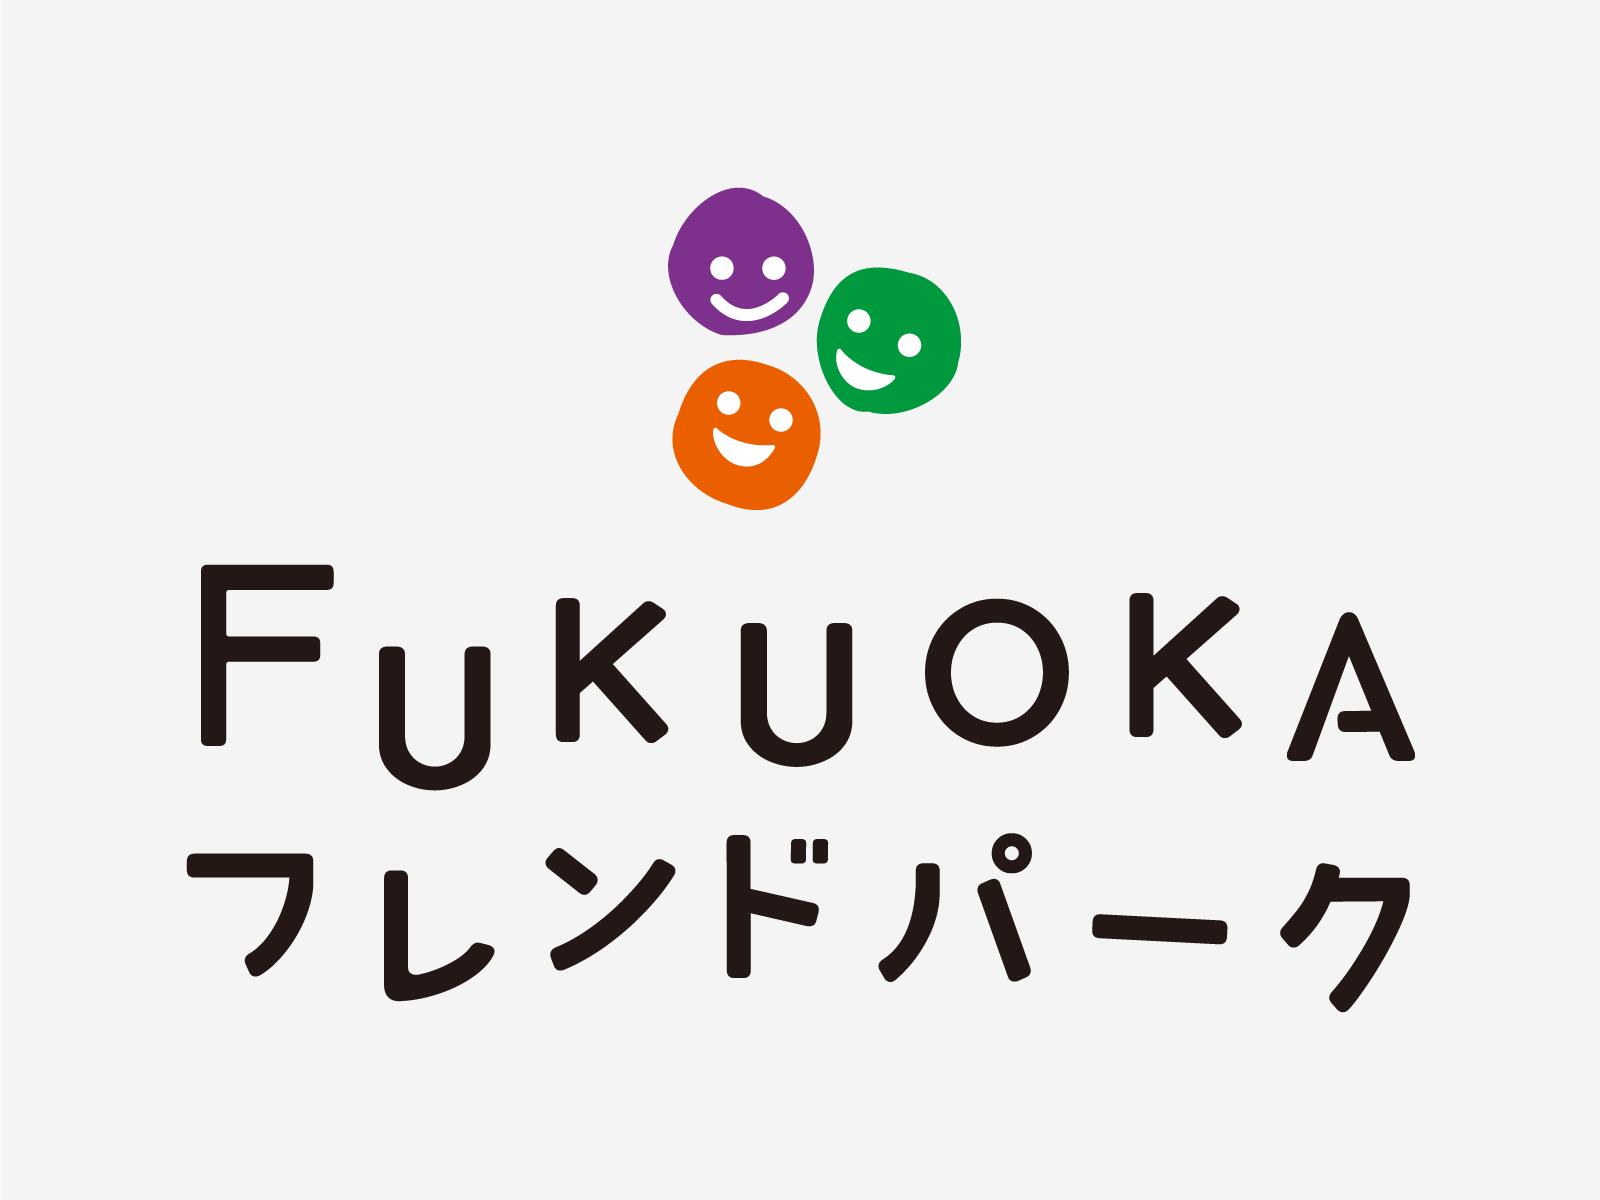 FUKUOKAフレンドパーク ロゴデザイン